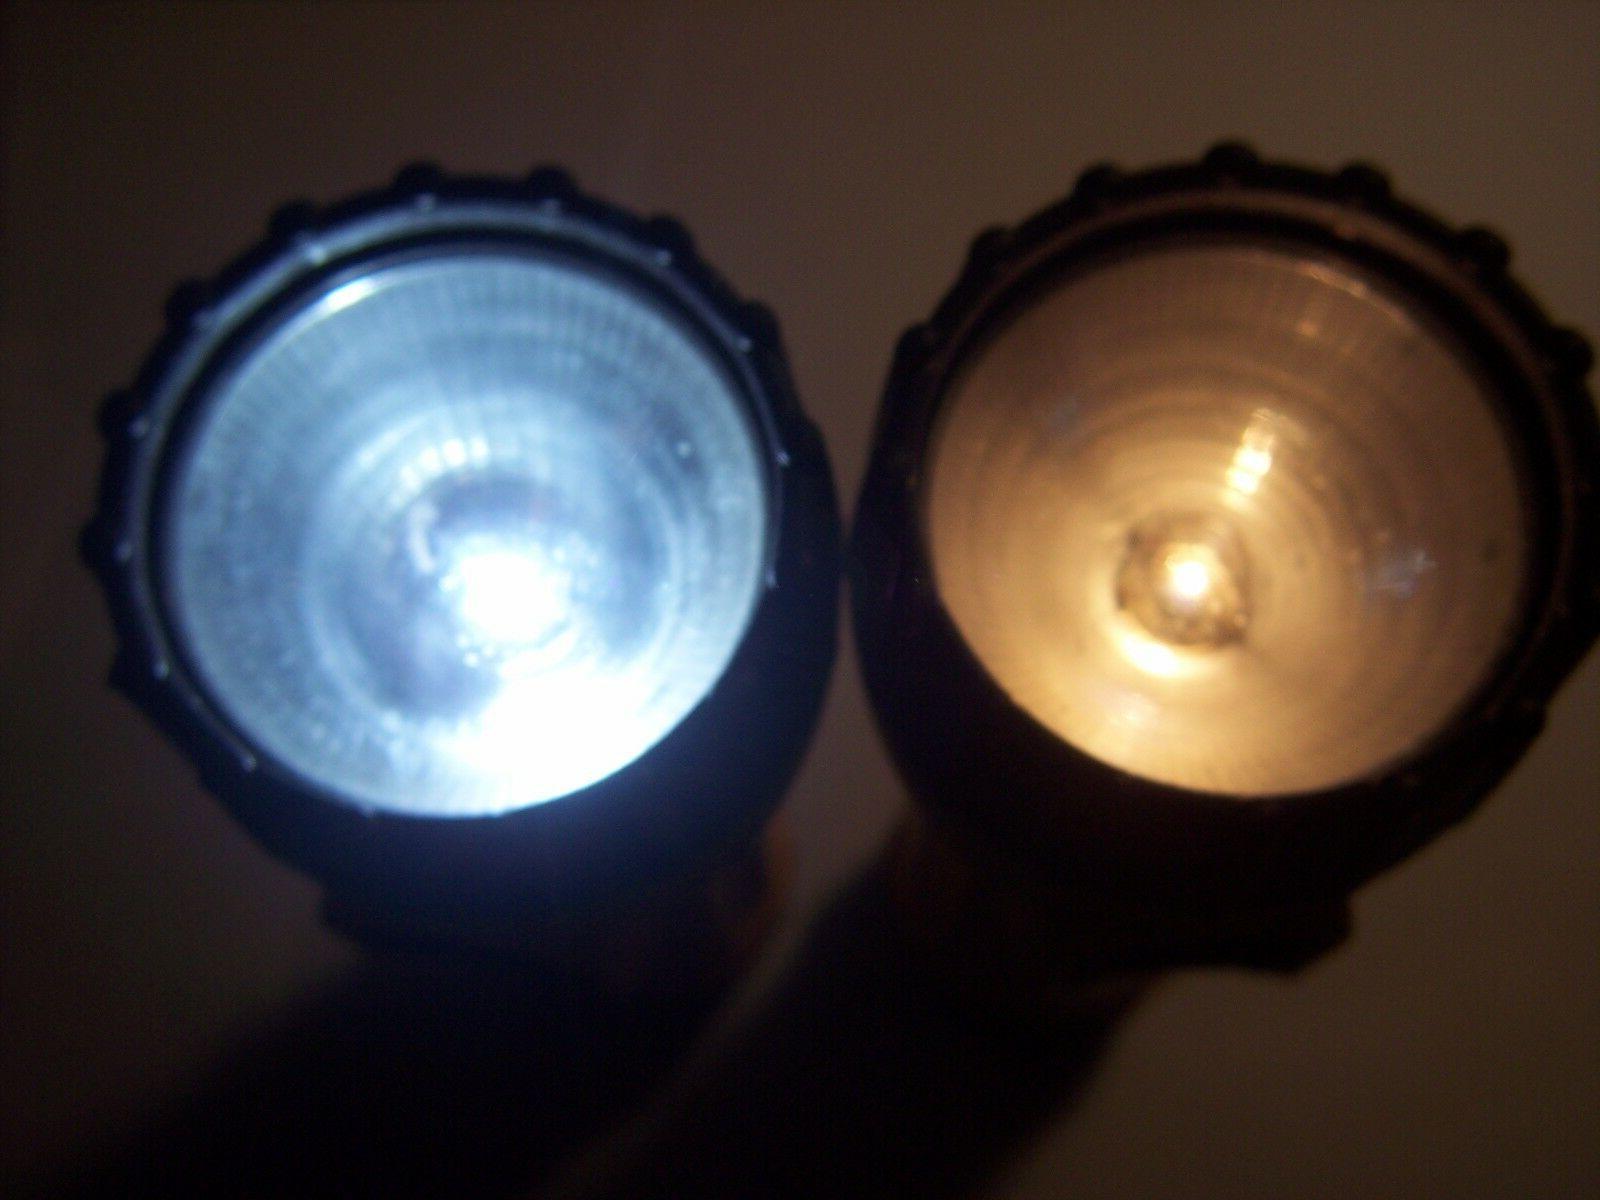 Cree 5W Bulb for 3.6V Krypton